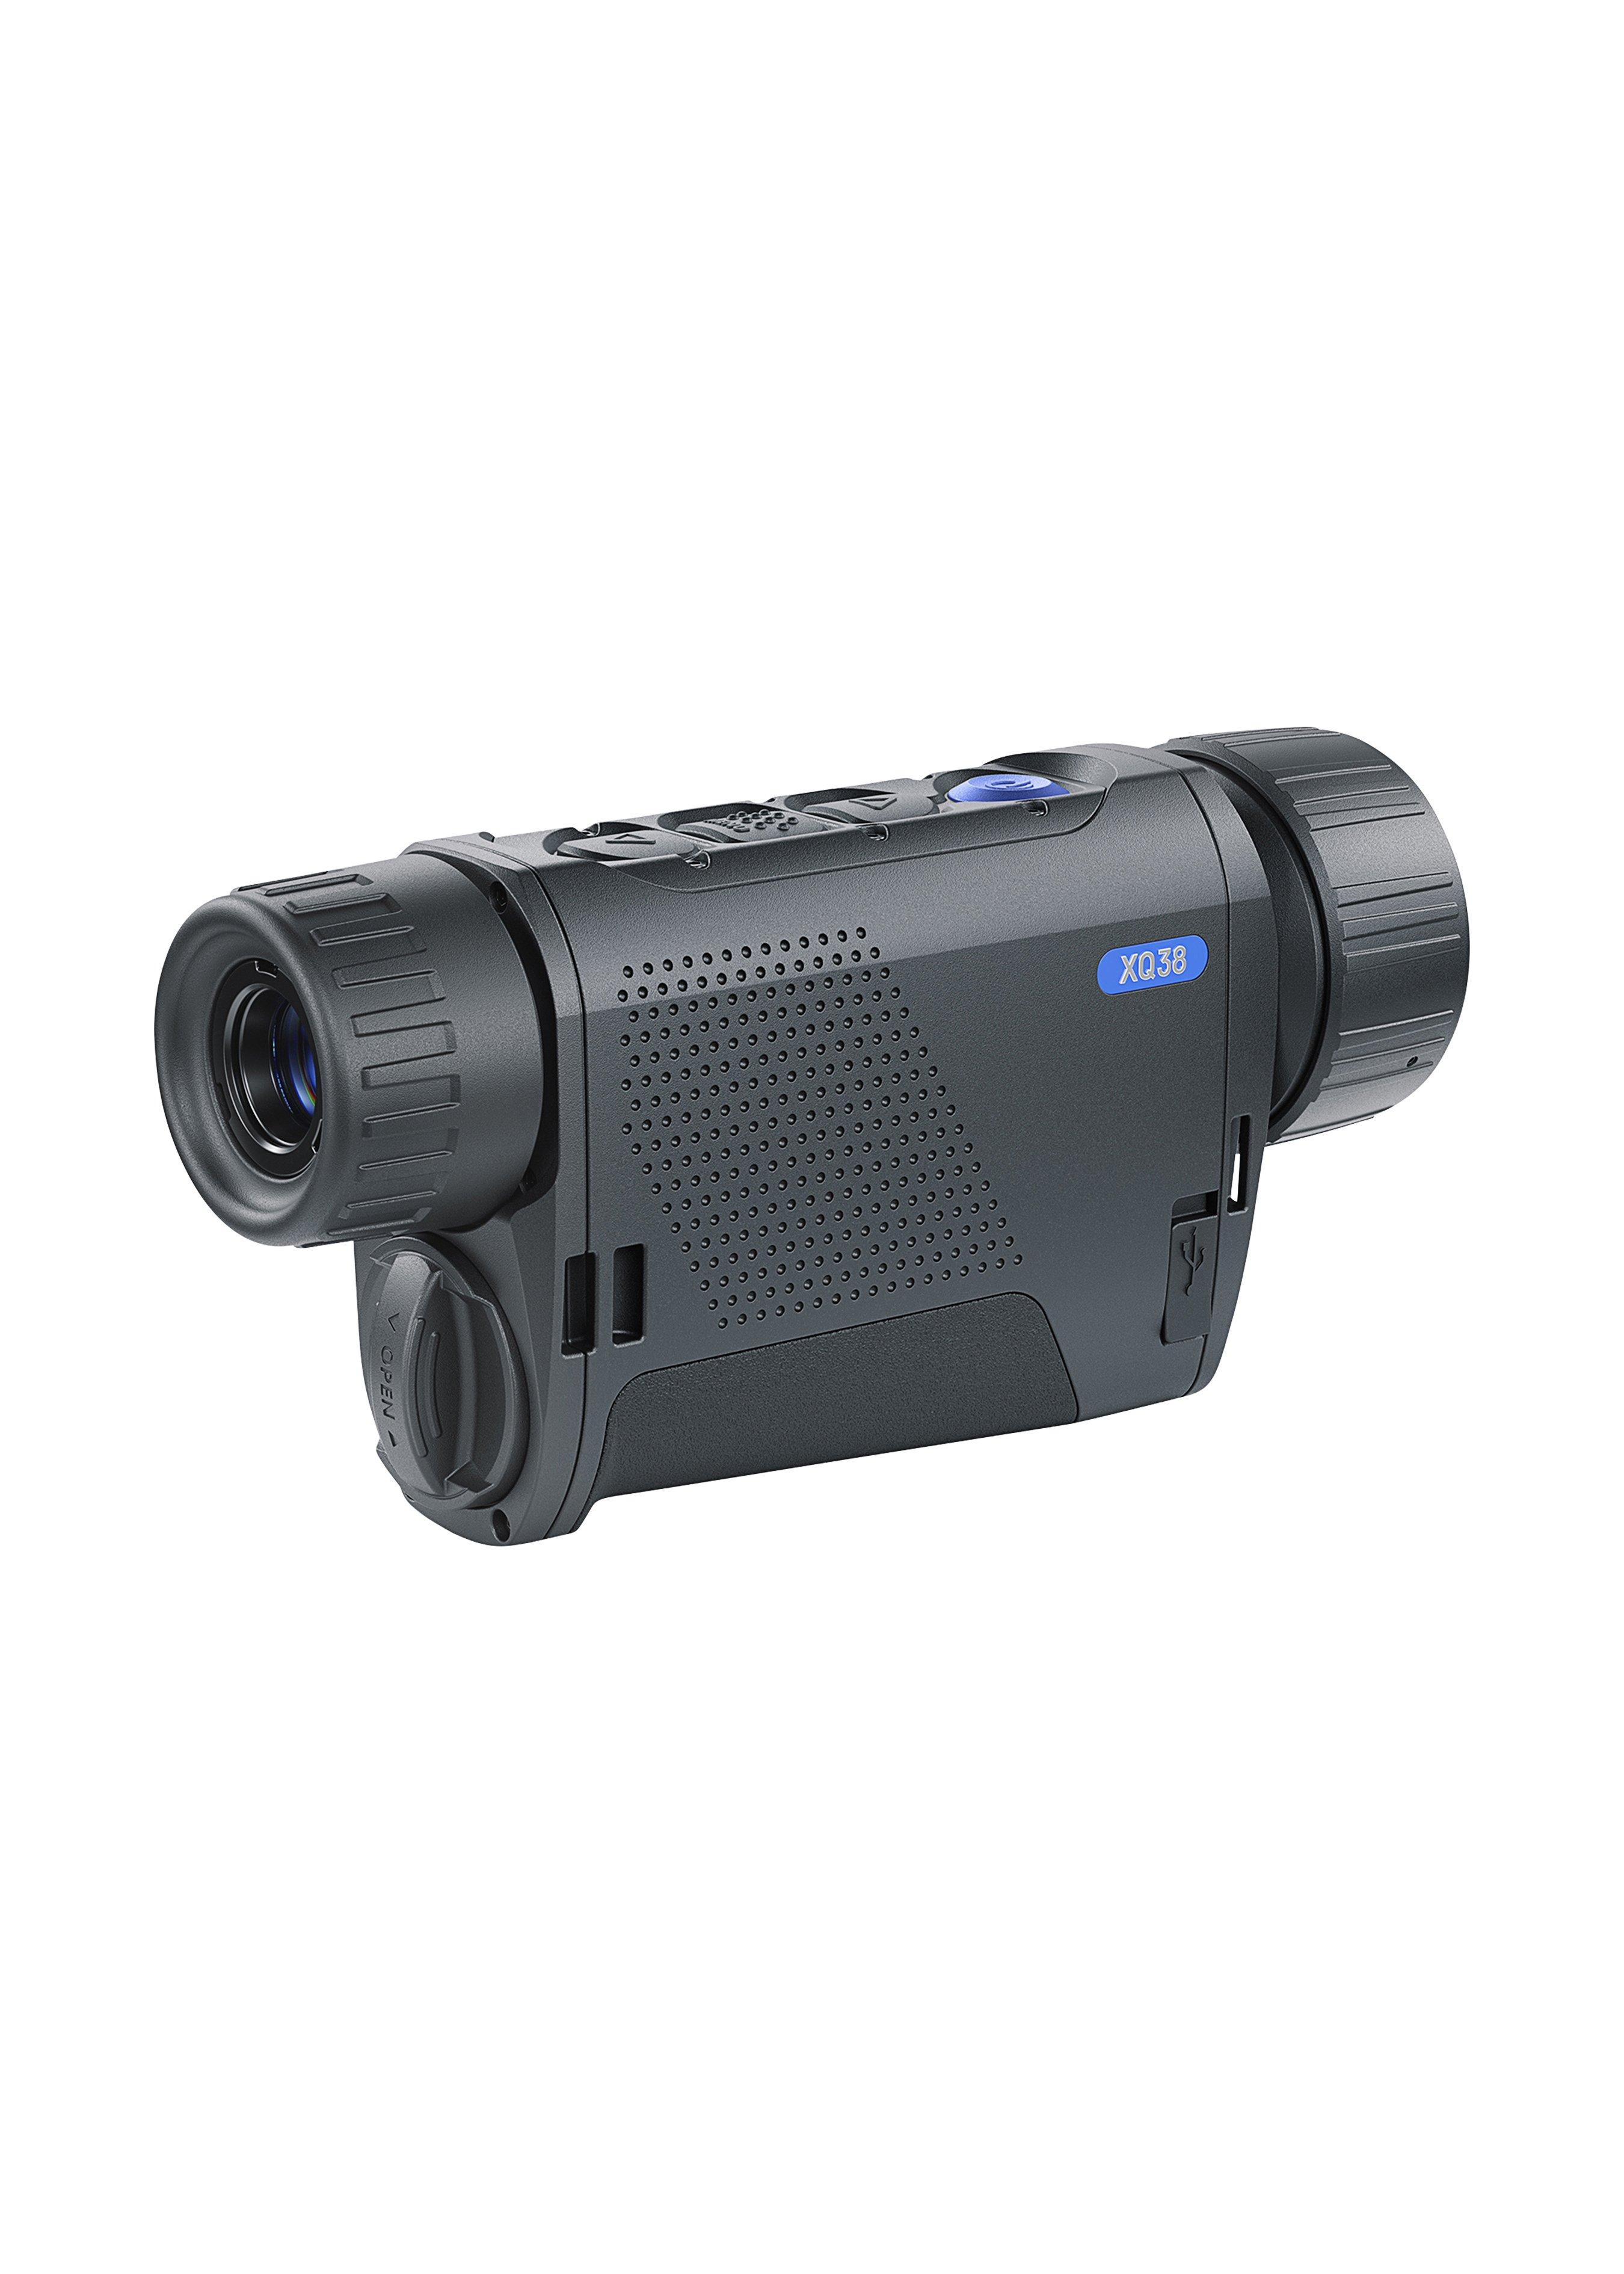 Pulsar Wärmebildkamera Axion XQ 38 244210 2